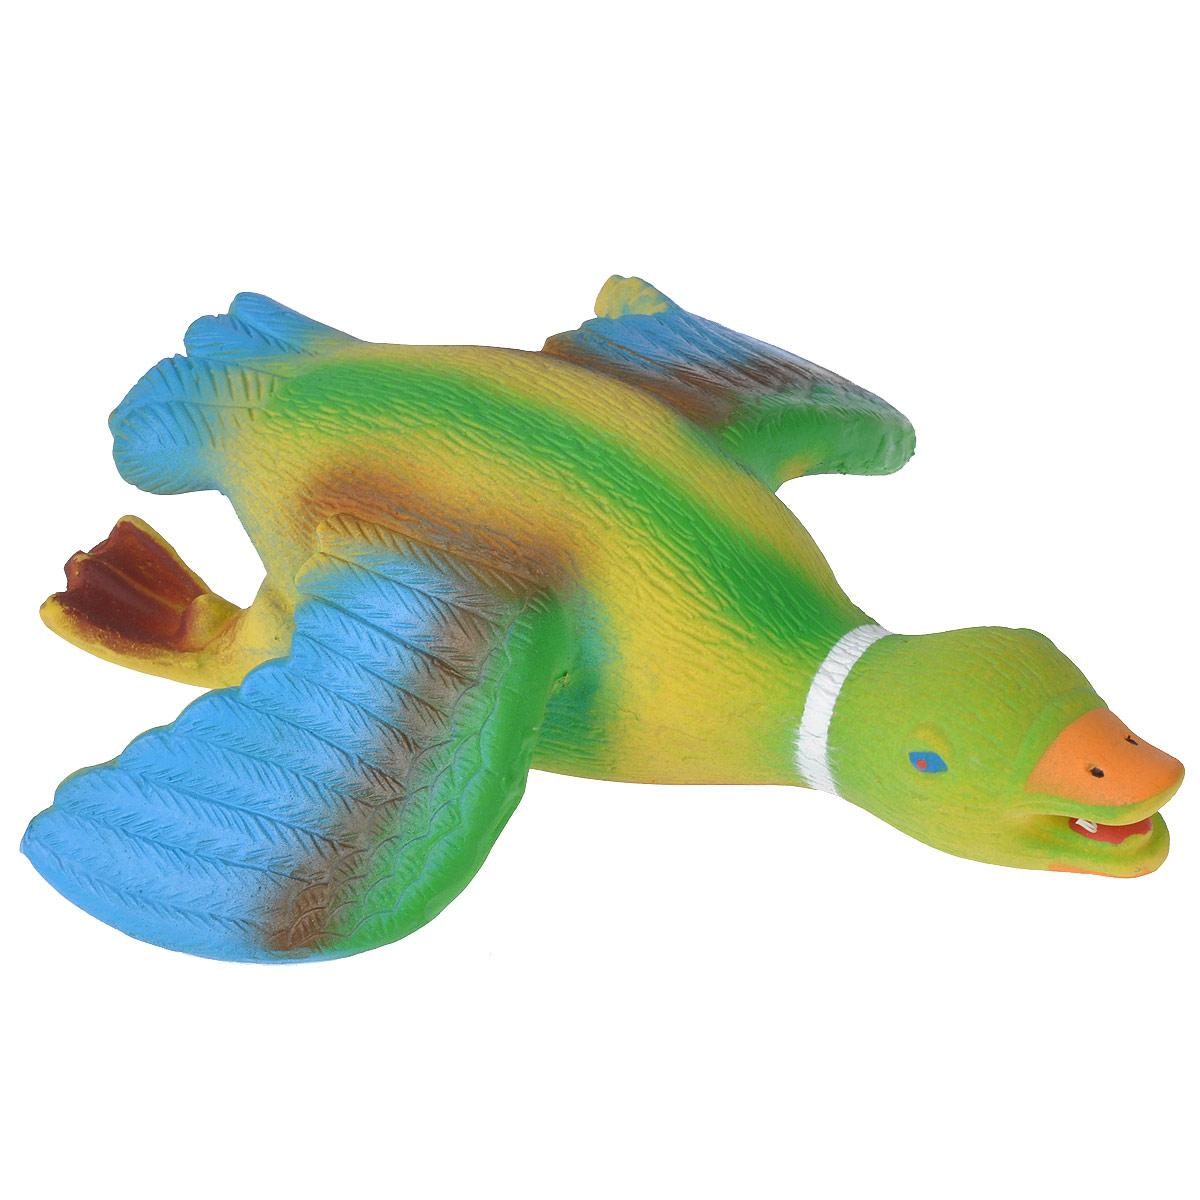 Игрушка для собак I.P.T.S. Утка с крыльями0120710Игрушка для собак I.P.T.S. Утка с крыльями изготовлена из яркого цветного латекса в виде летящей утки. Предназначена для игр с собаками разных возрастов. Такая игрушка привлечет внимание вашего любимца и не оставит его равнодушным. Длина: 20,5 см.